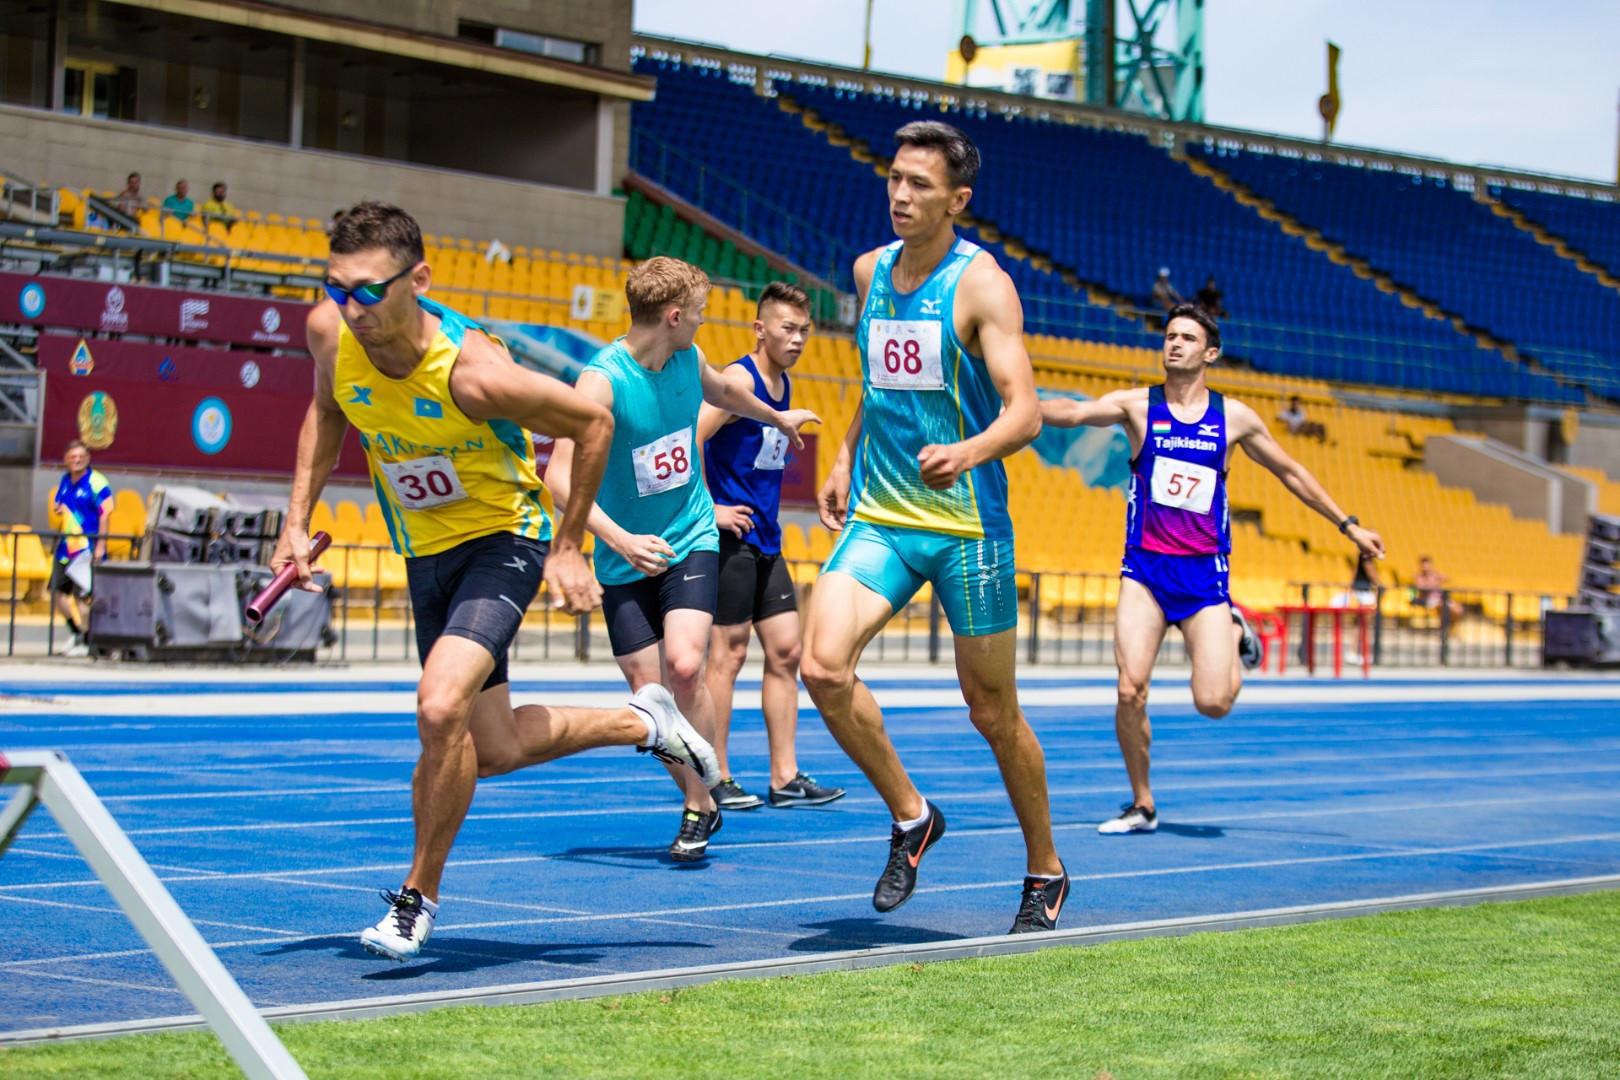 эпизодах, фото легкой атлетики казахстана того